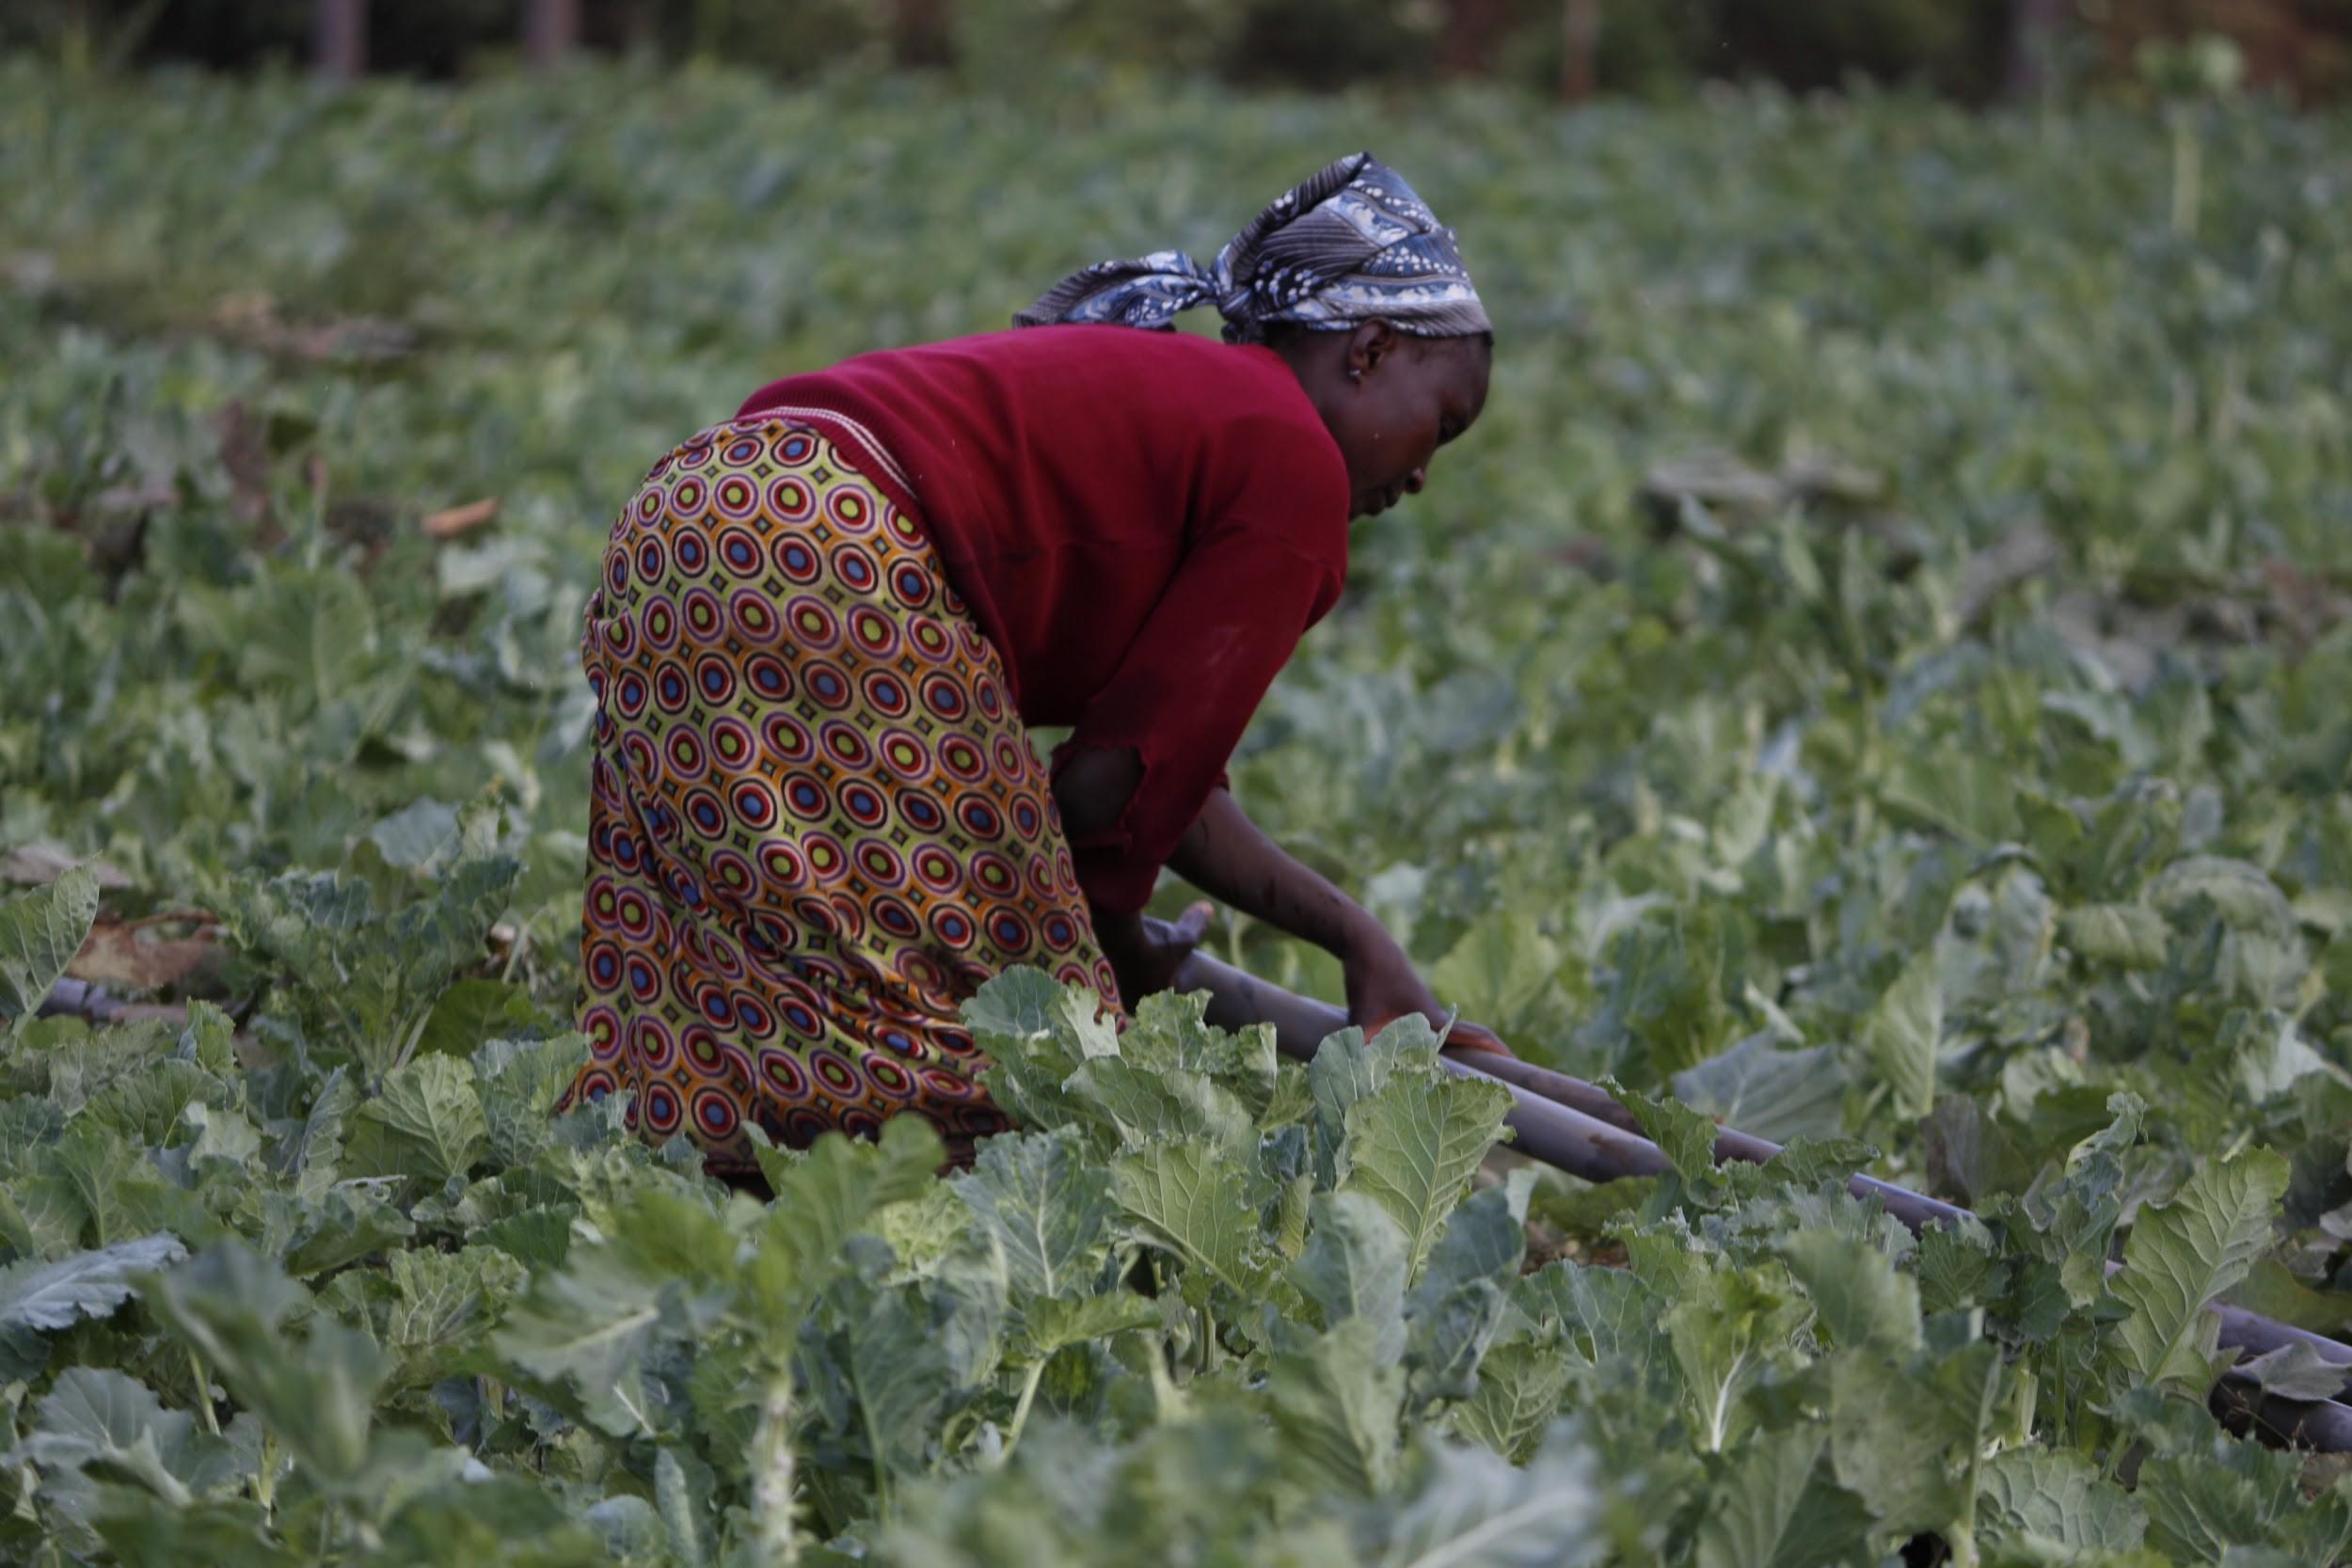 Farmer tending to kale